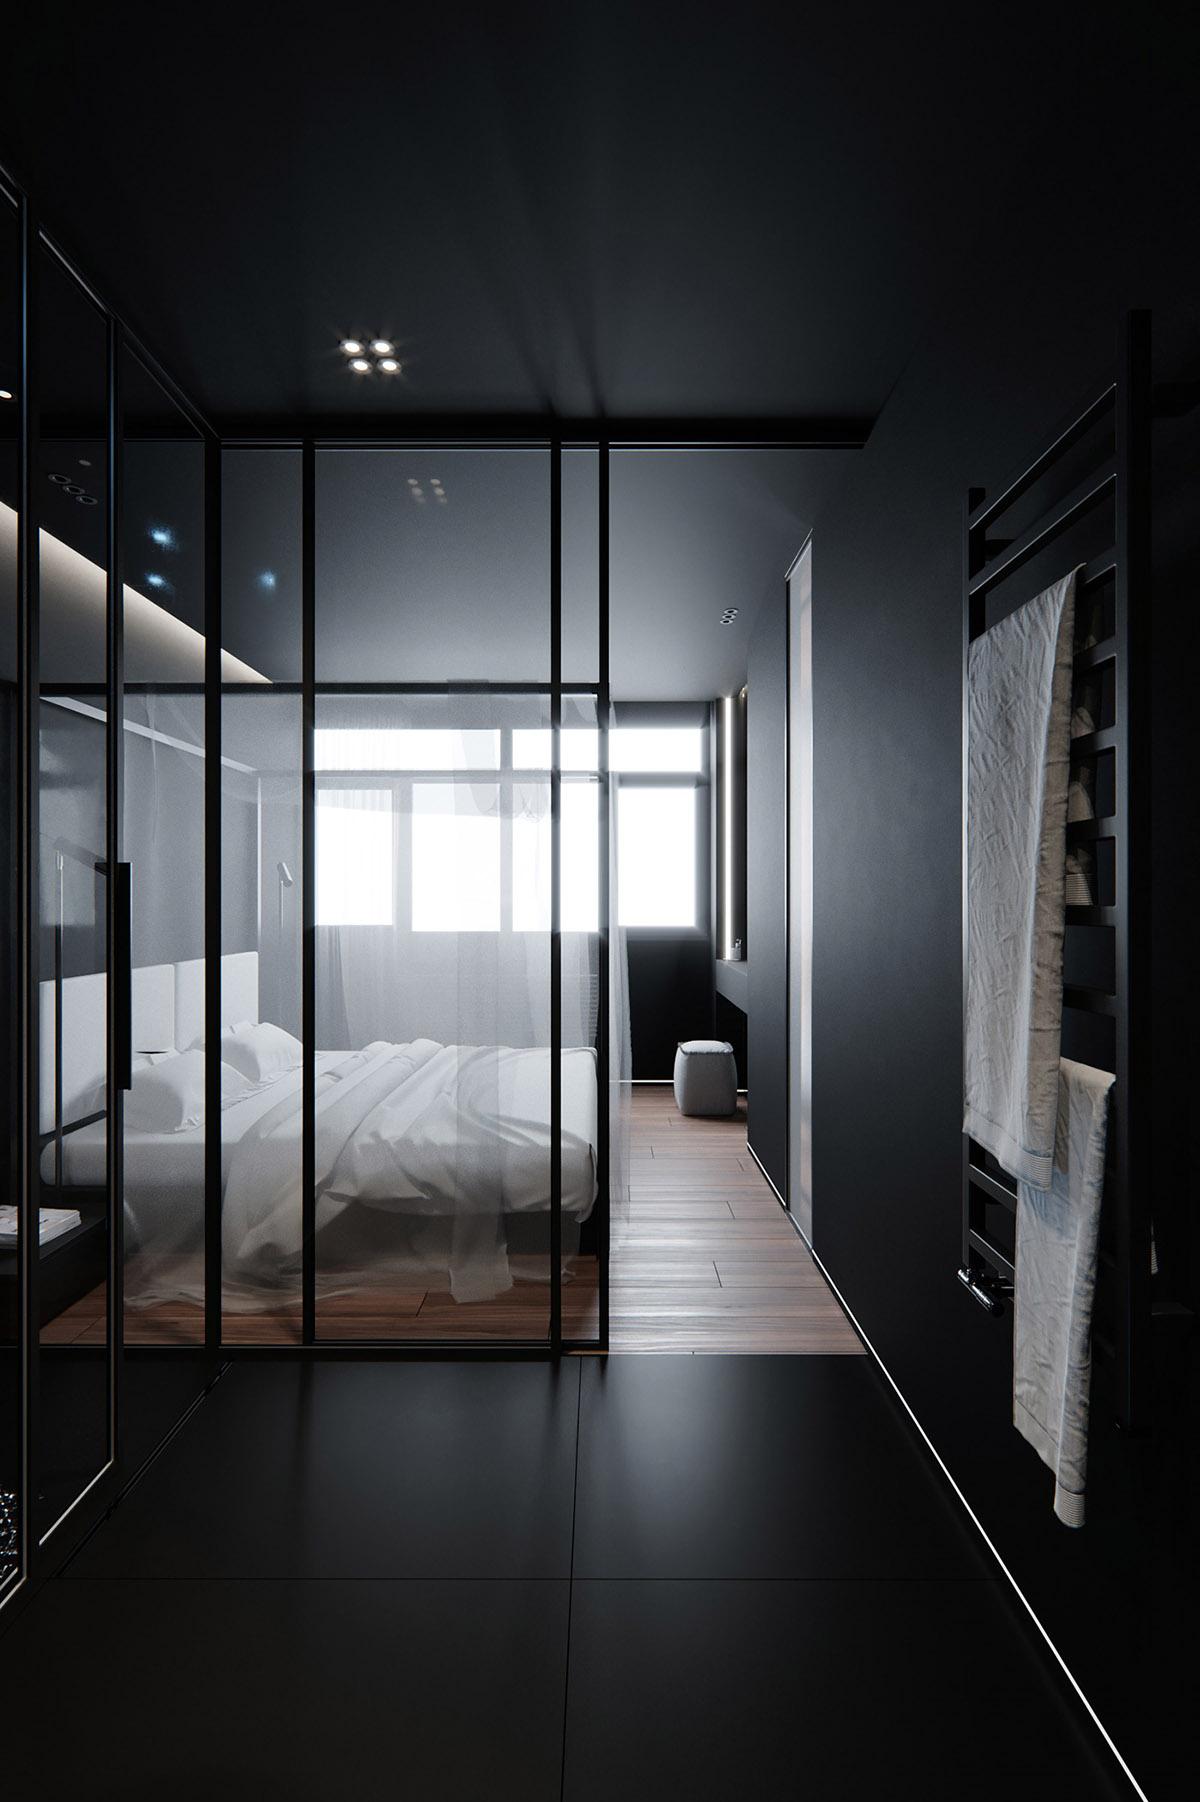 Sử Dụng Tông Màu Tối Để Làm Nổi Bật Căn Phòng Thêm Phần Sang Trọng - Black floor tiles